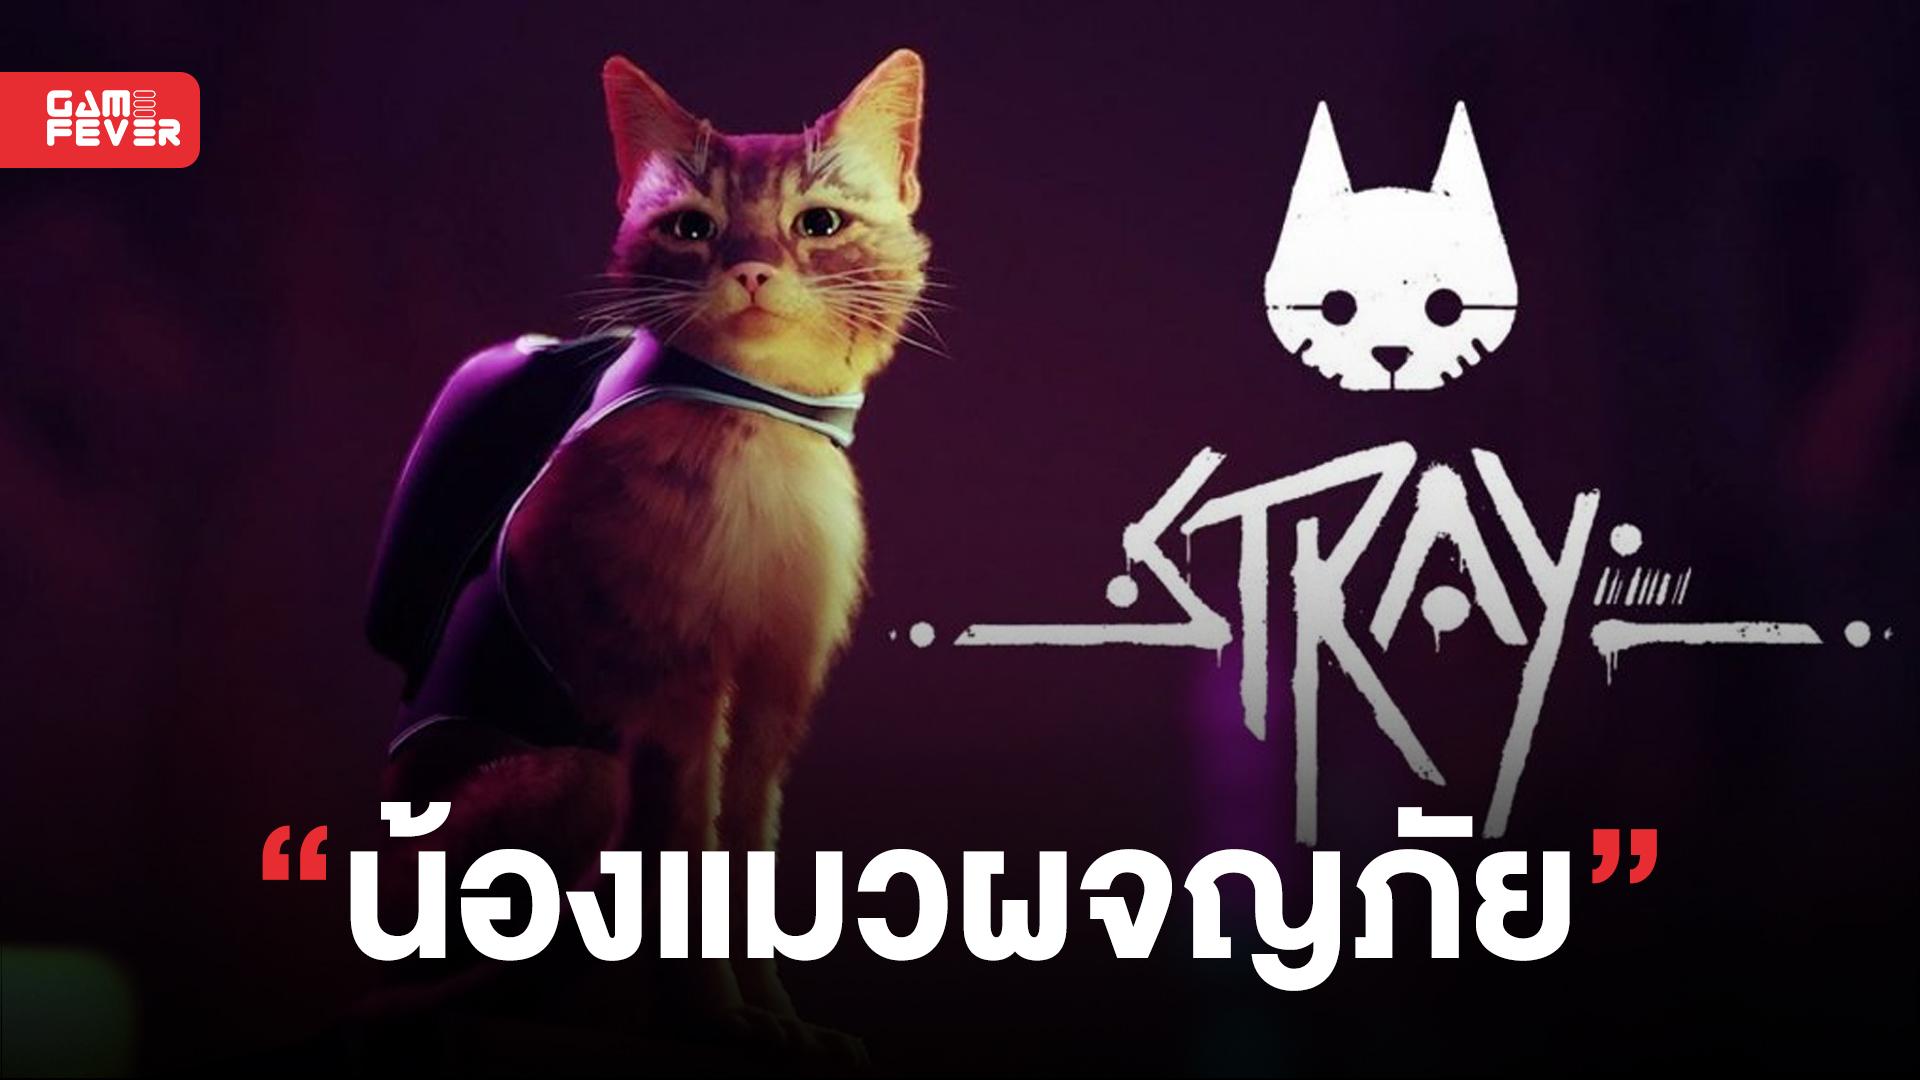 Stray ชวนคุณมารับบทเป็นเจ้าแมวเหมี้ยวขนปุย บุกผจญภัยในโลกหุ่นยนตร์สุดลึกลับ!